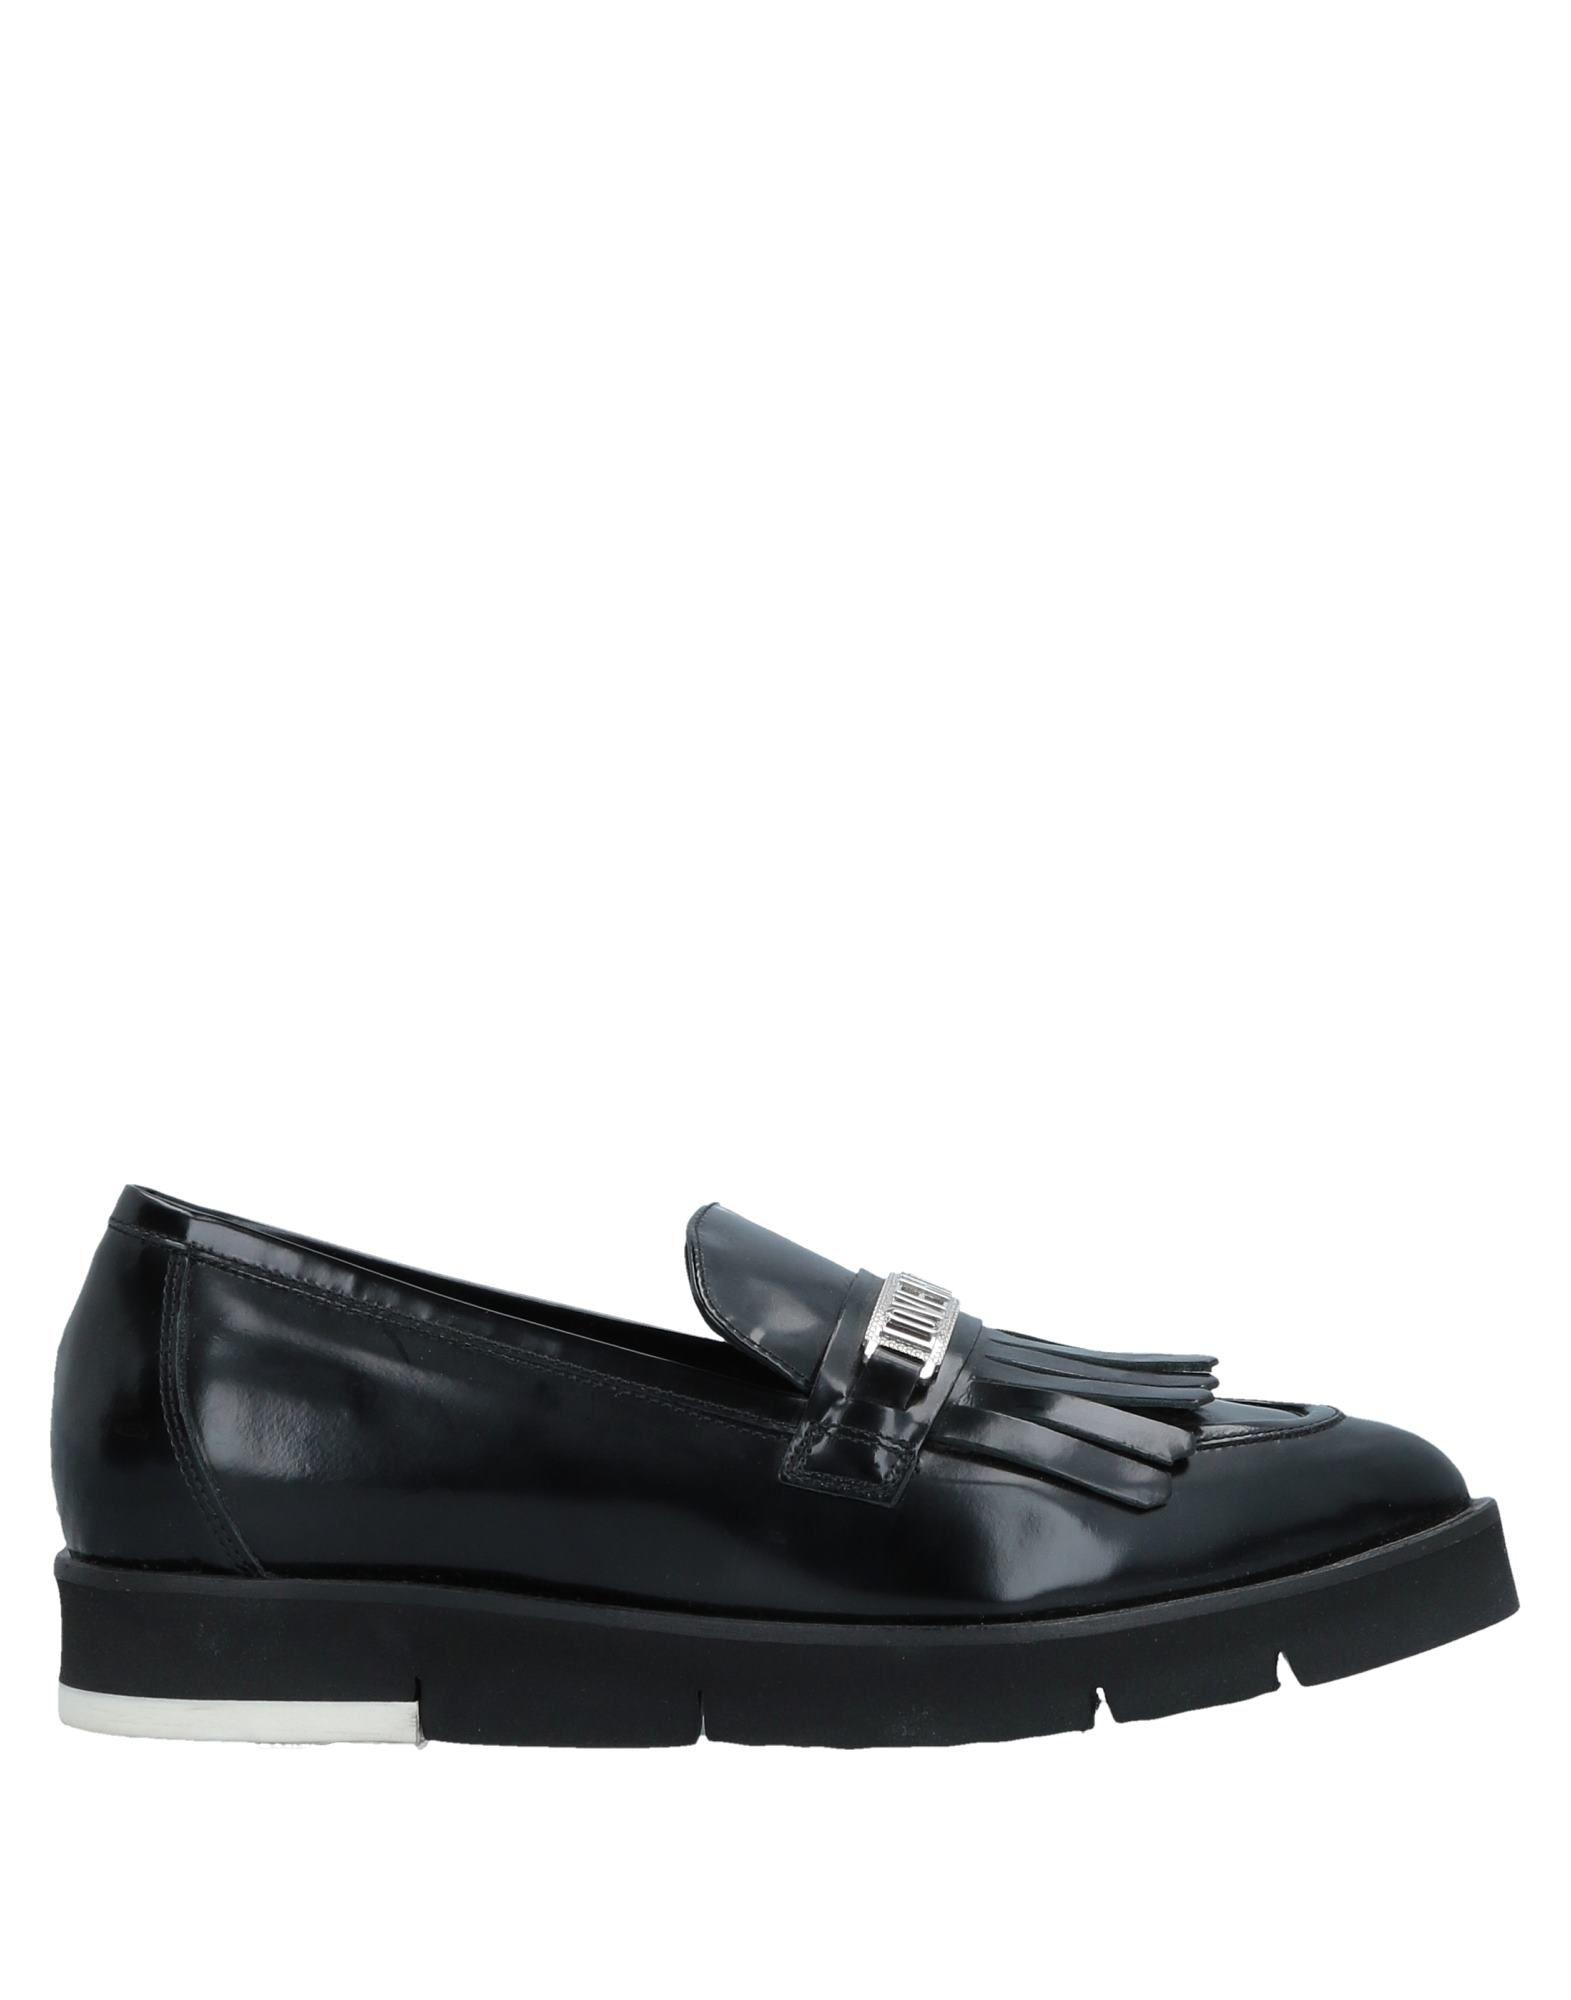 Love Moschino Mokassins Damen  11281150XKGünstige gut aussehende Schuhe